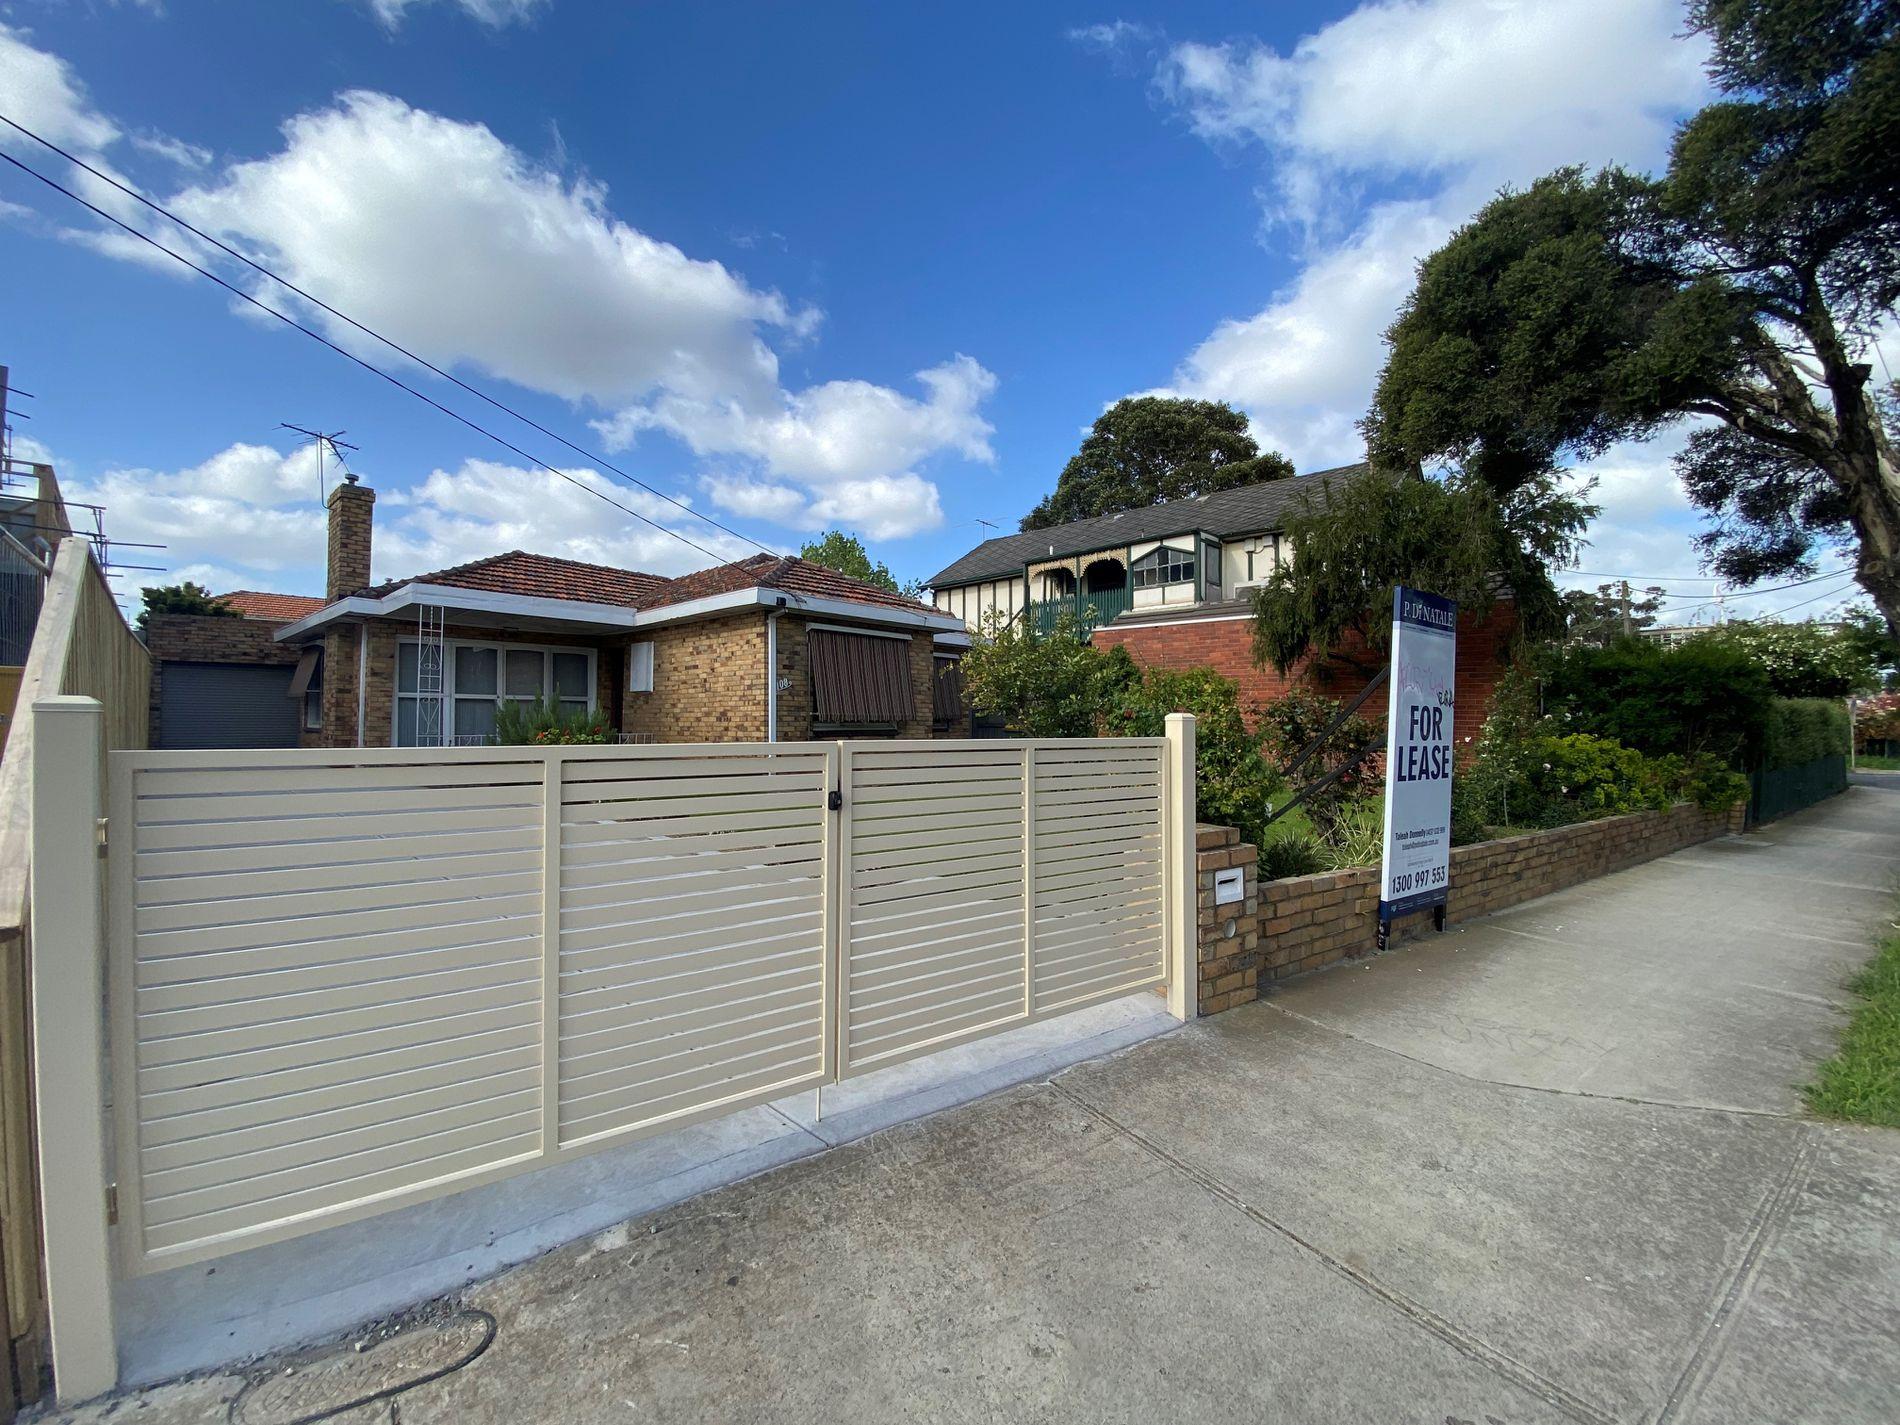 108 Ballarat Road, Footscray